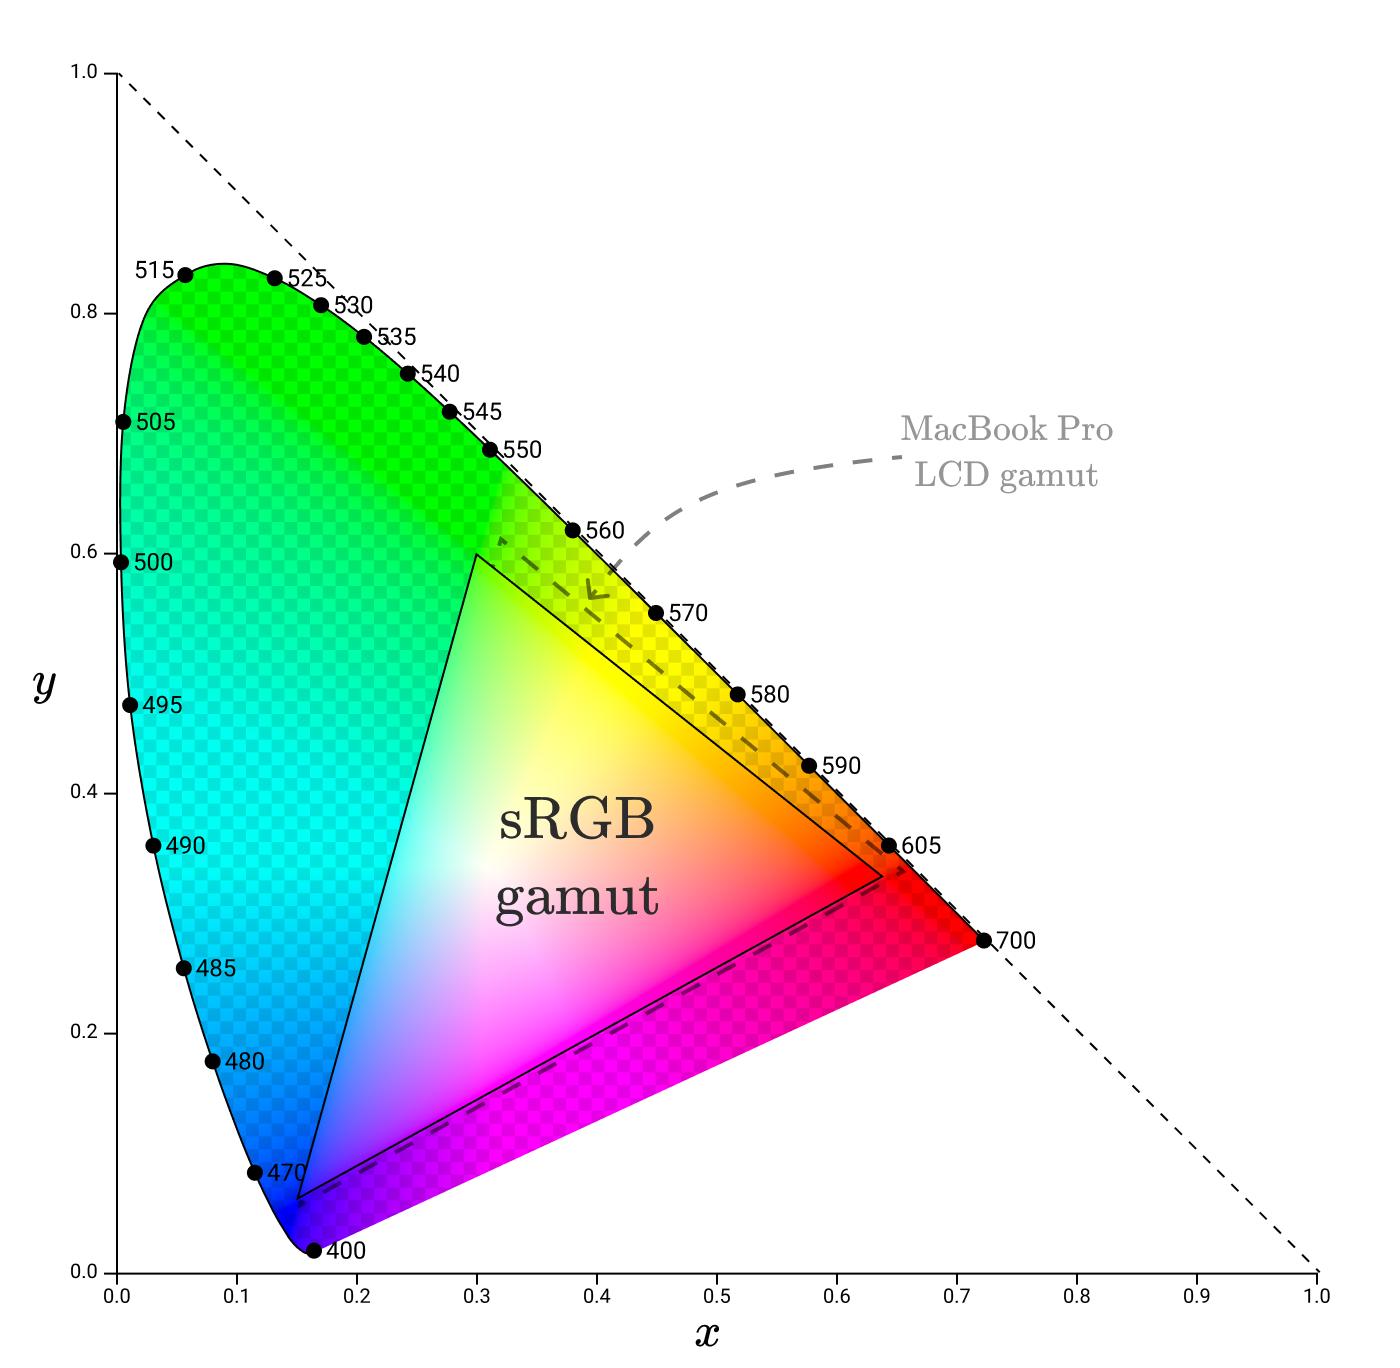 Цвет: от шестнадцатеричных кодов до глаза - 88